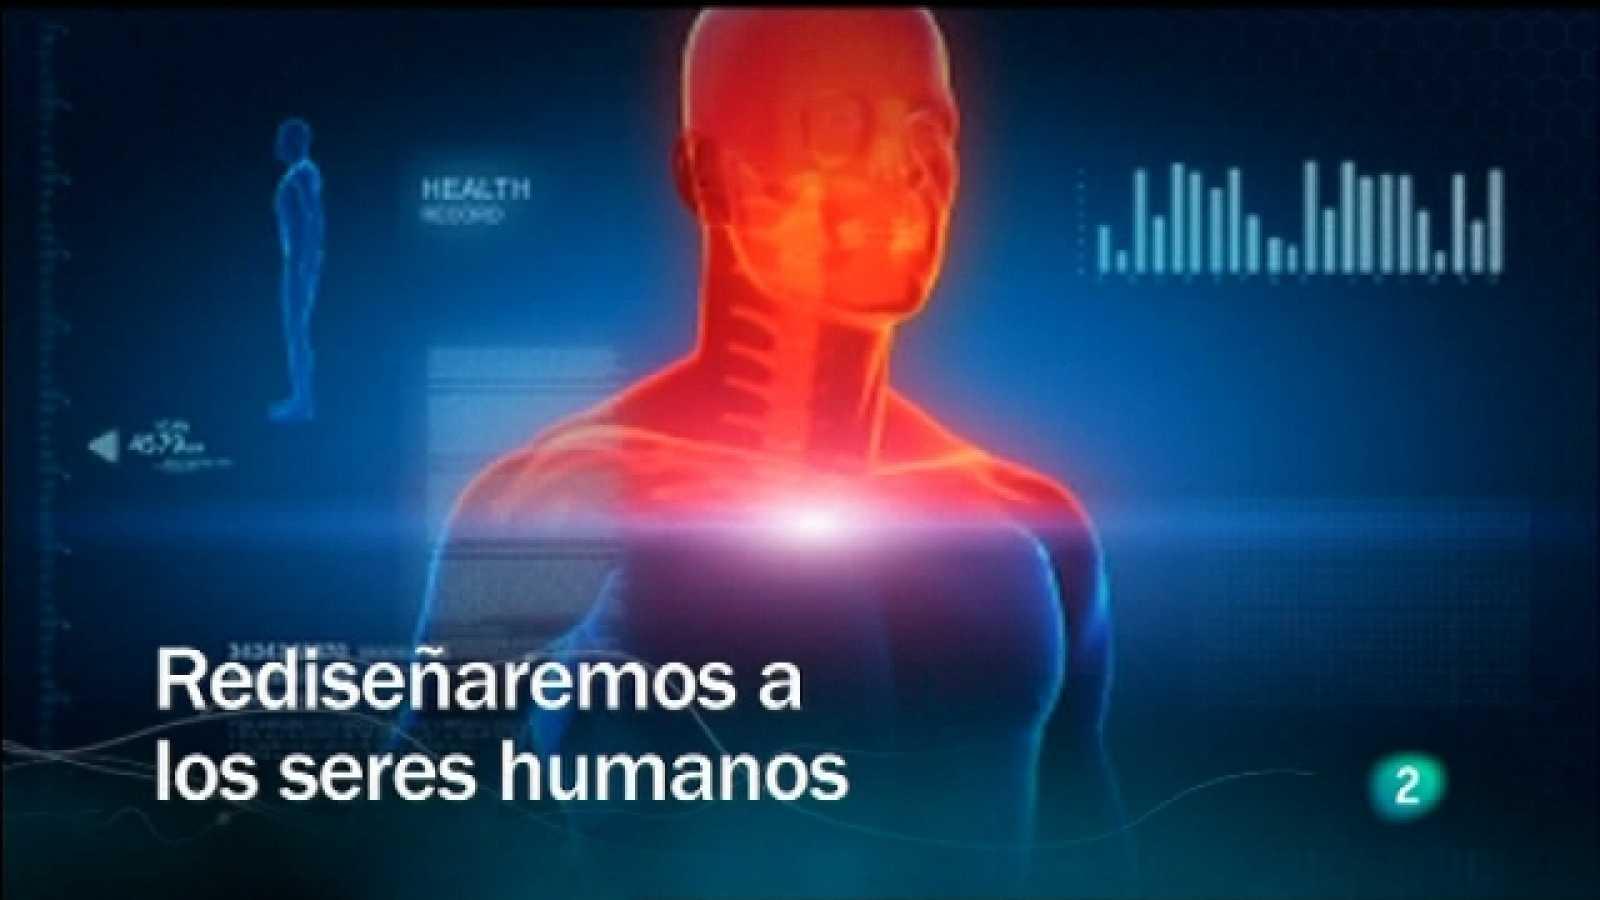 Redes - Rediseñaremos a los seres humanos - Ver ahora